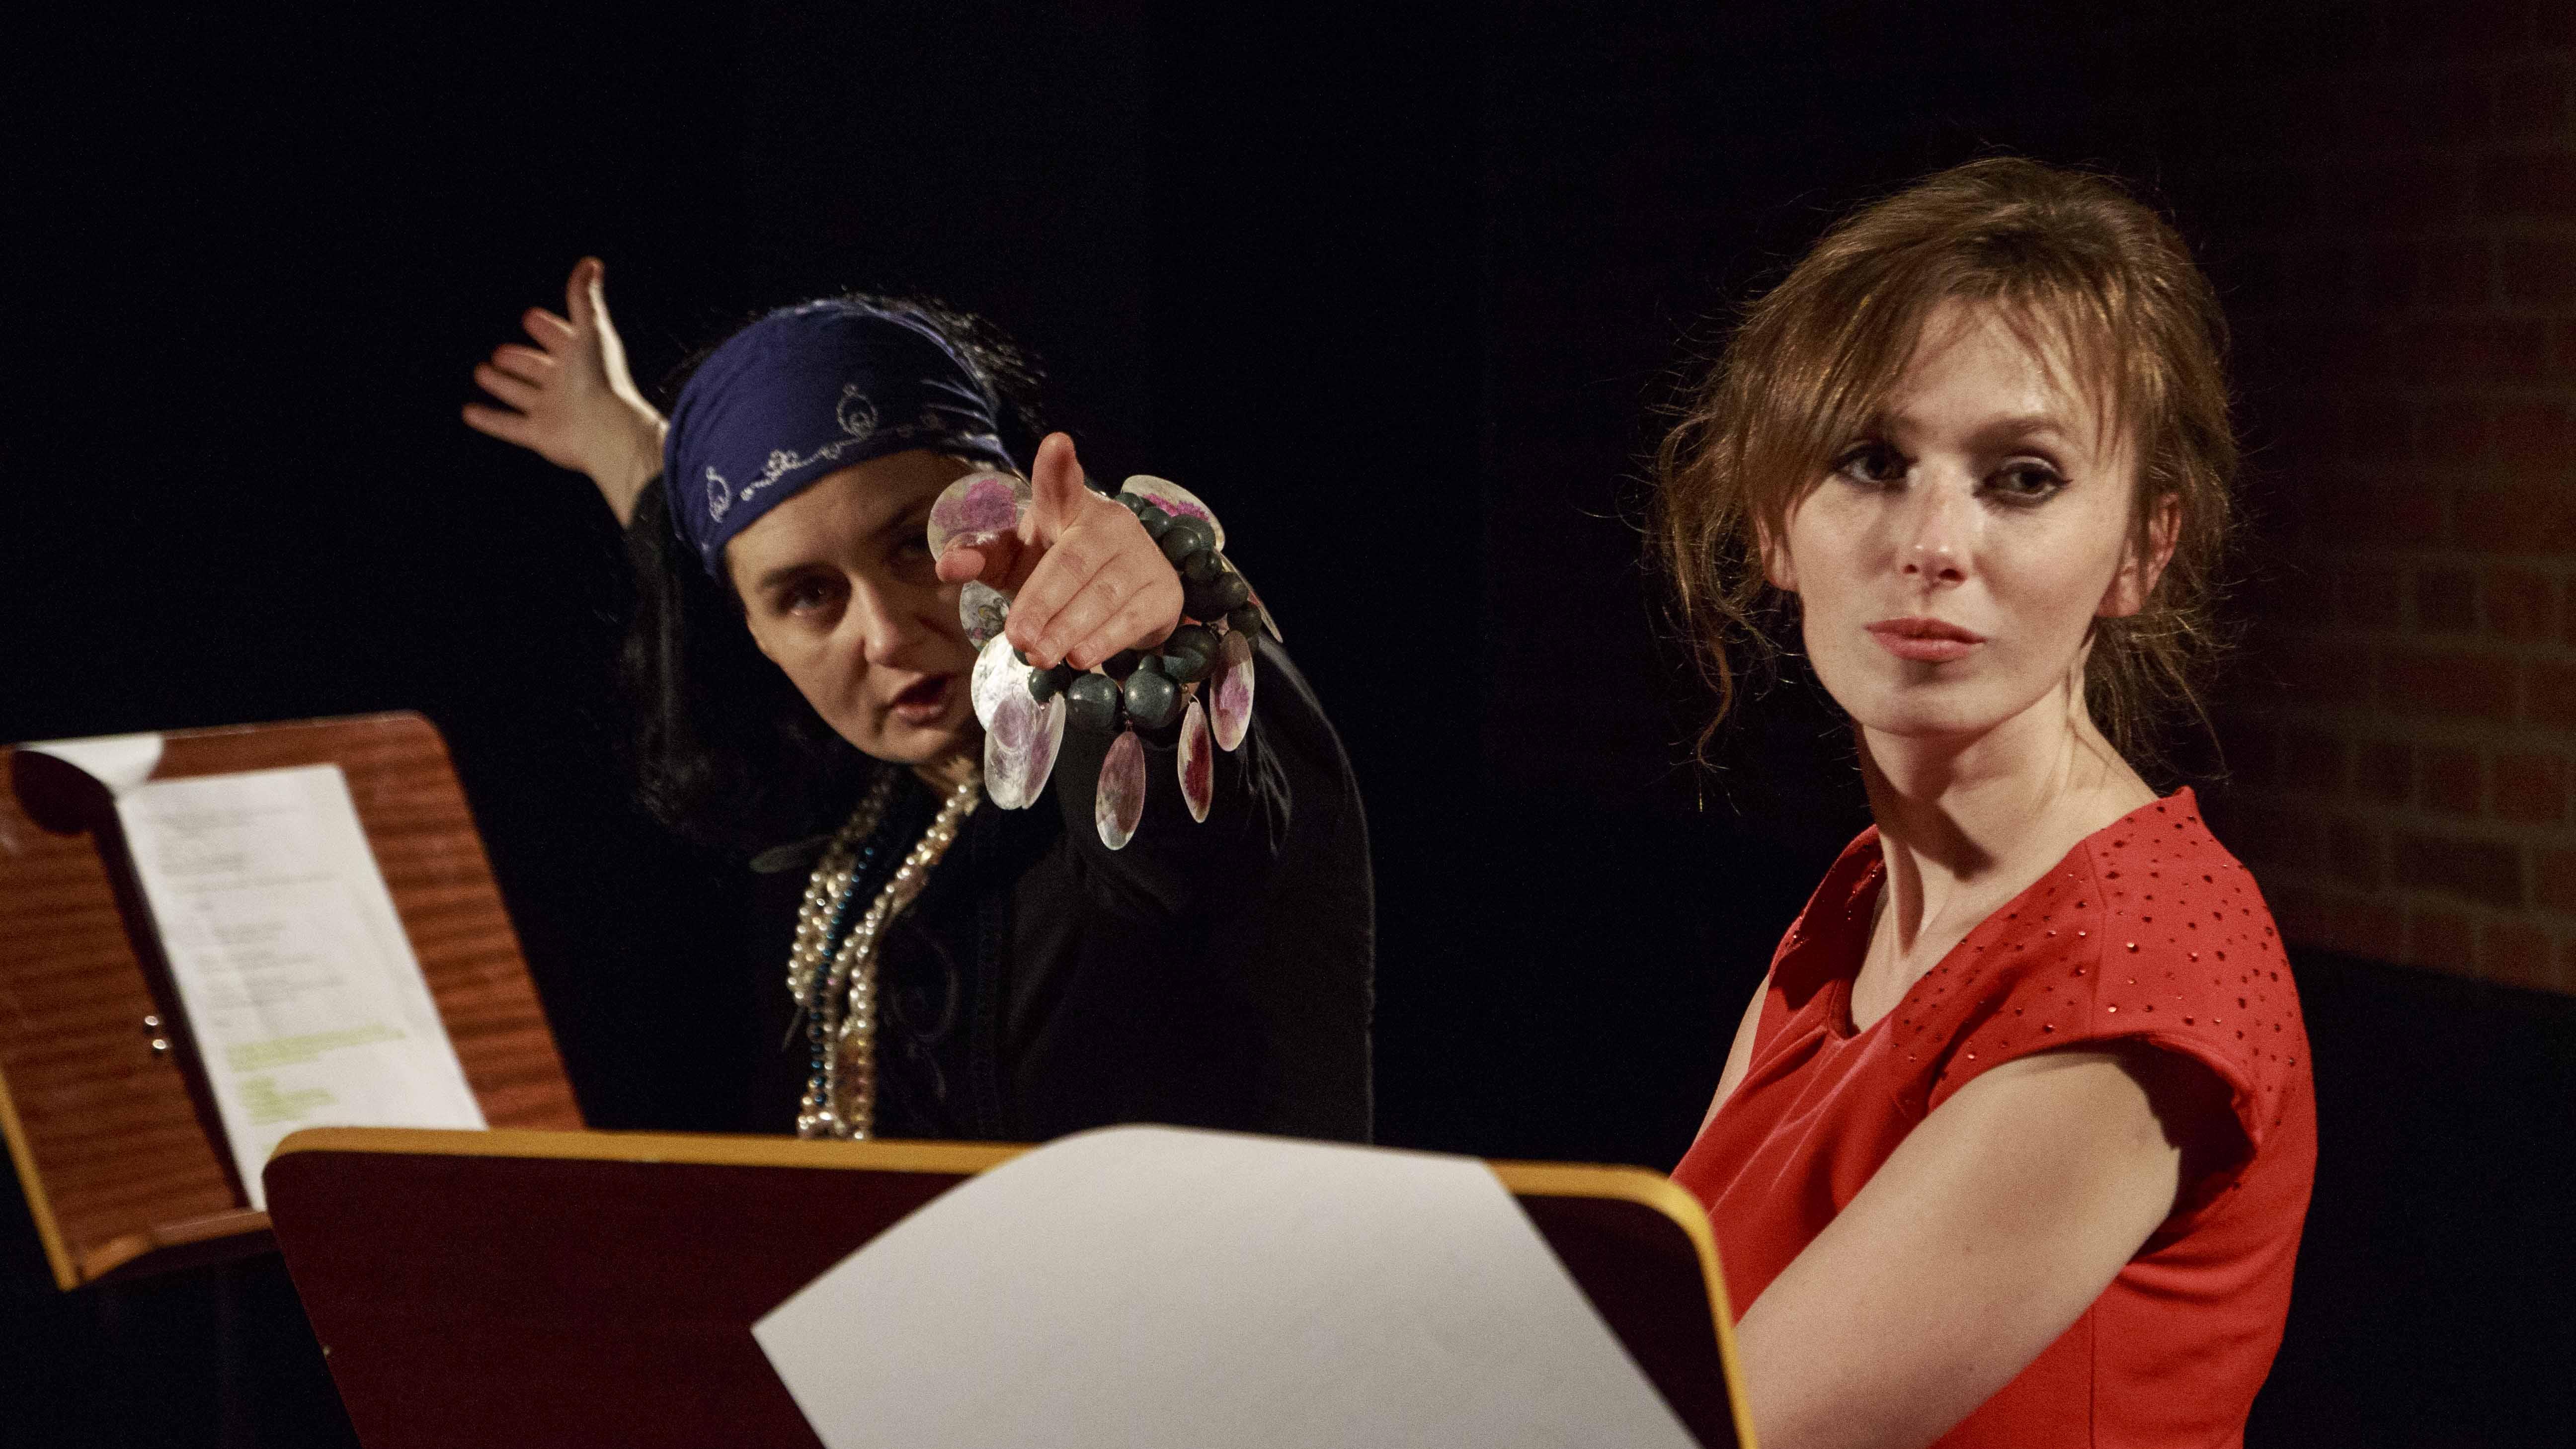 Zdjęcie ze spektaklu Dzielnice cudów. Dwie aktorki przy pulpitach z tekstem. Na pierwszym planie aktorka w czerwonej sukience, na drugim aktorka przebrana jak cyganka.